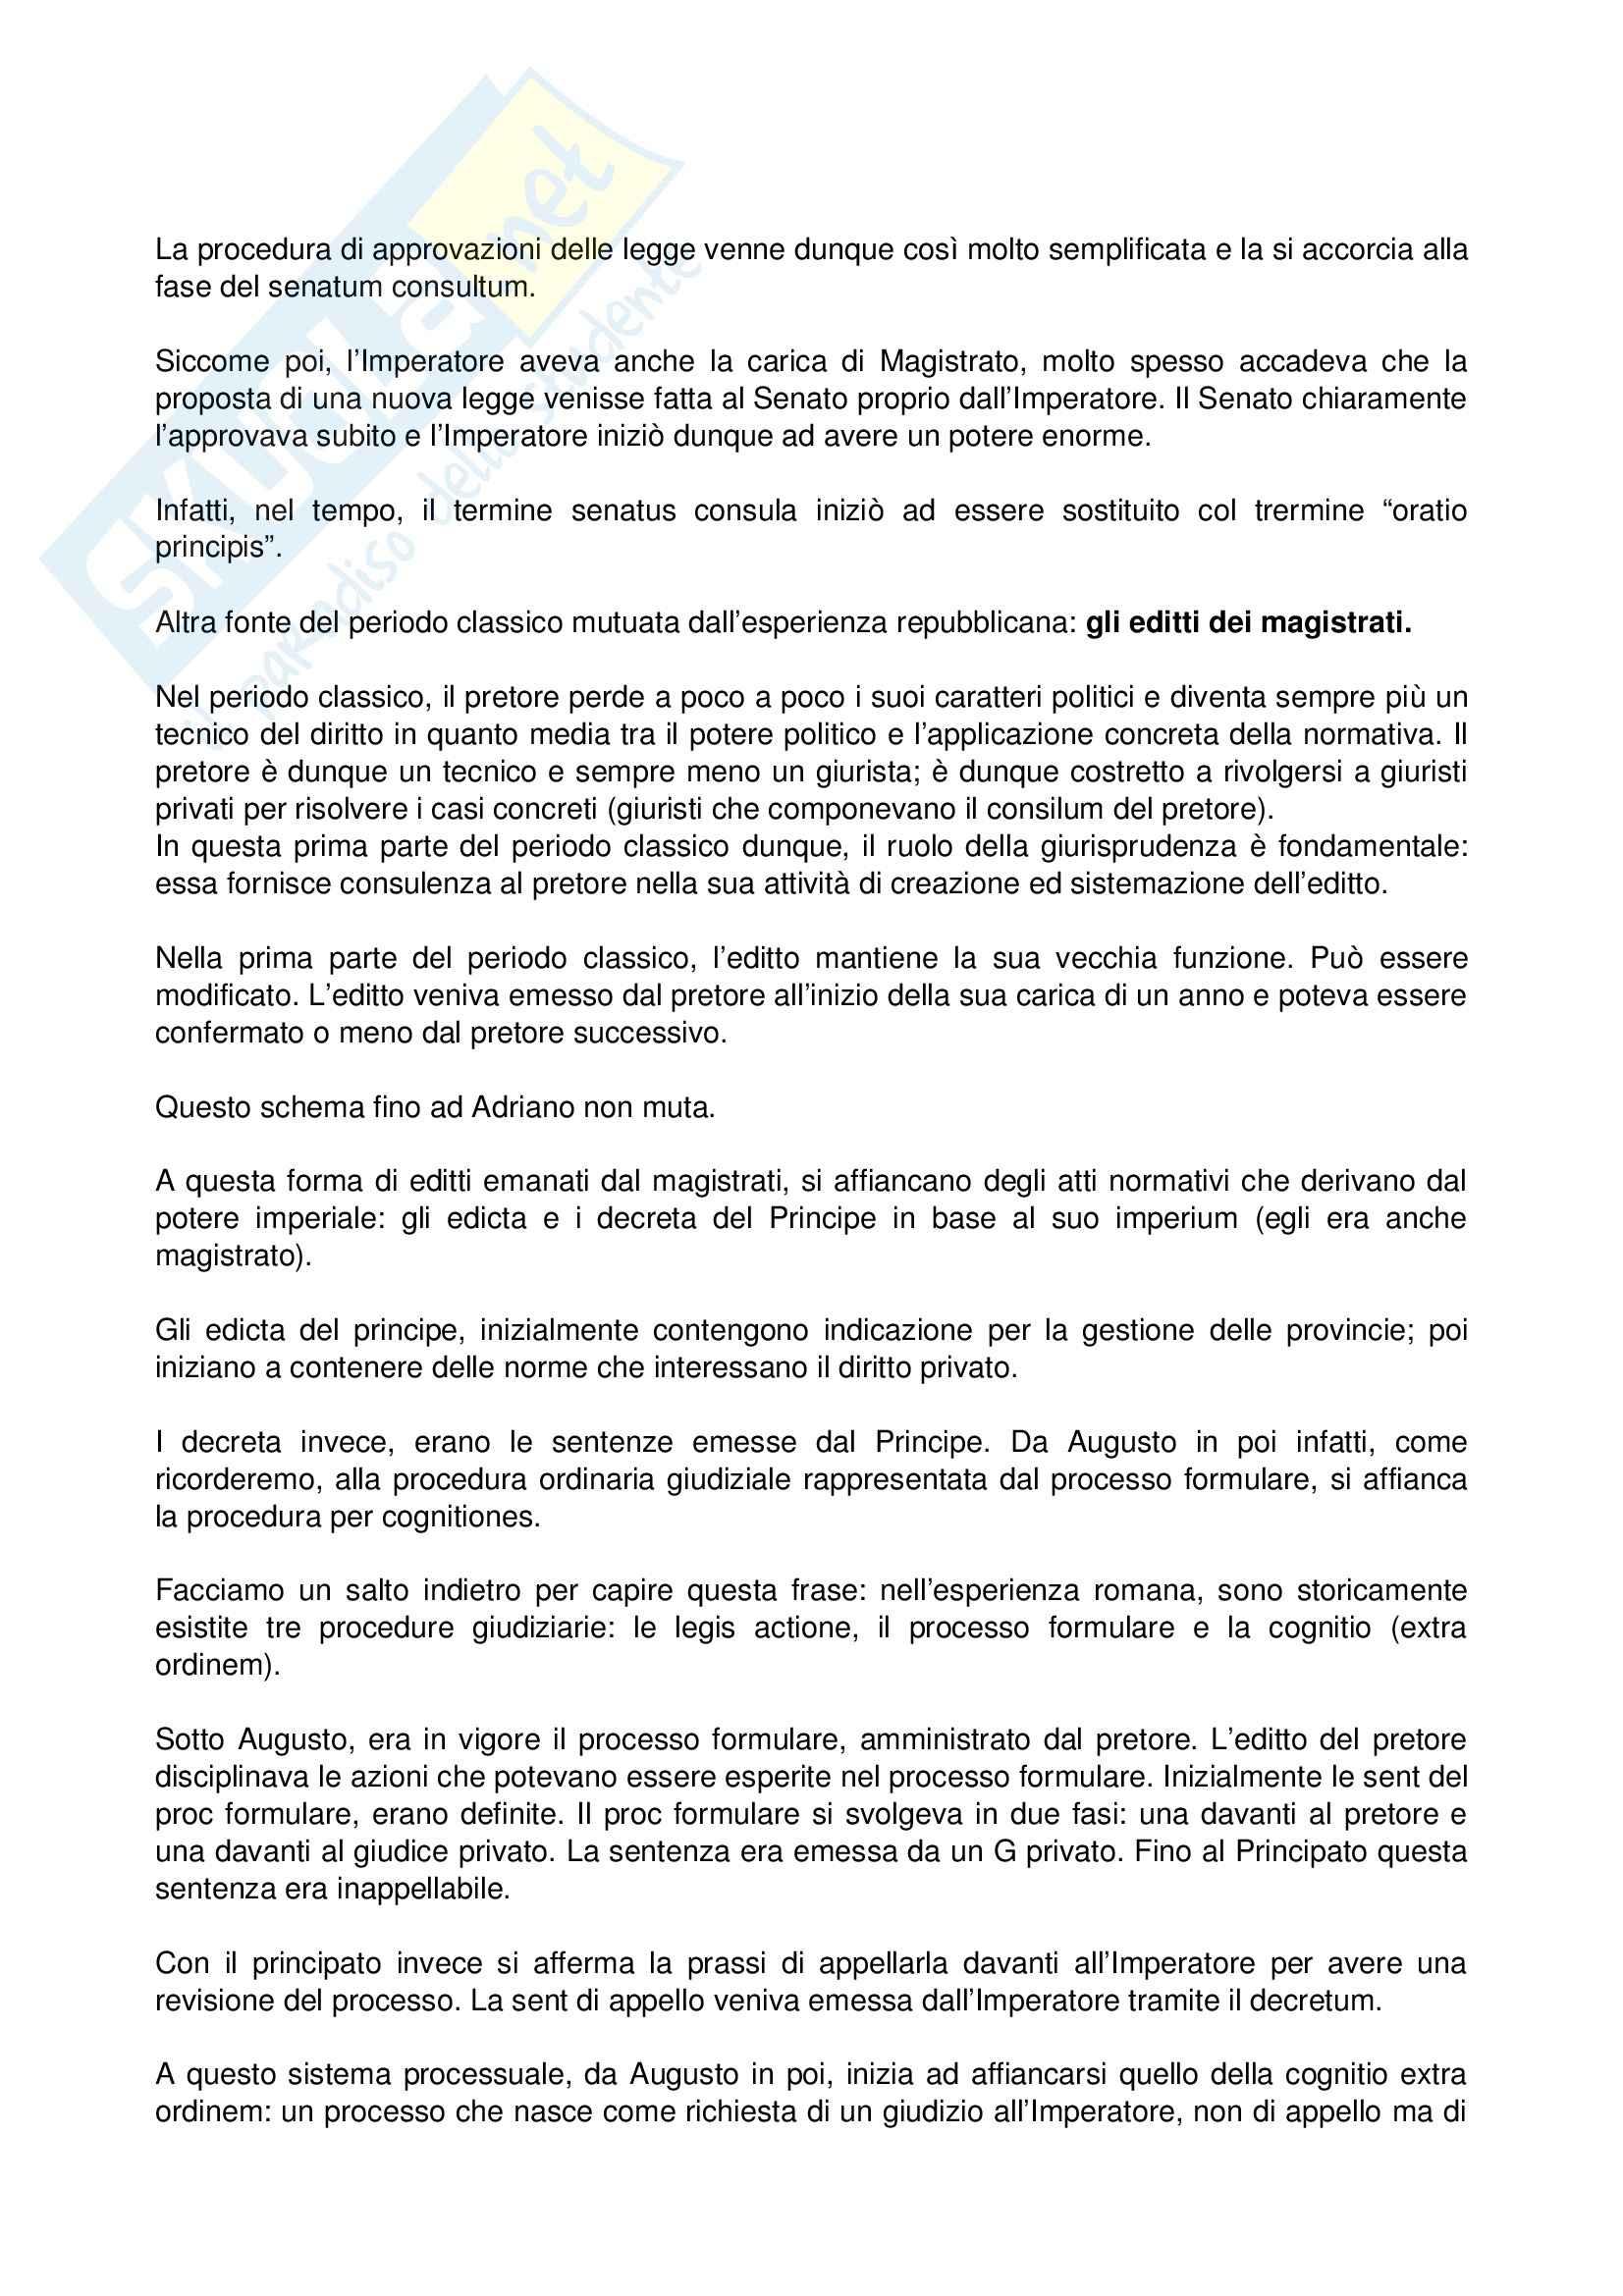 Diritto romano - le fonti del diritto classico Pag. 2